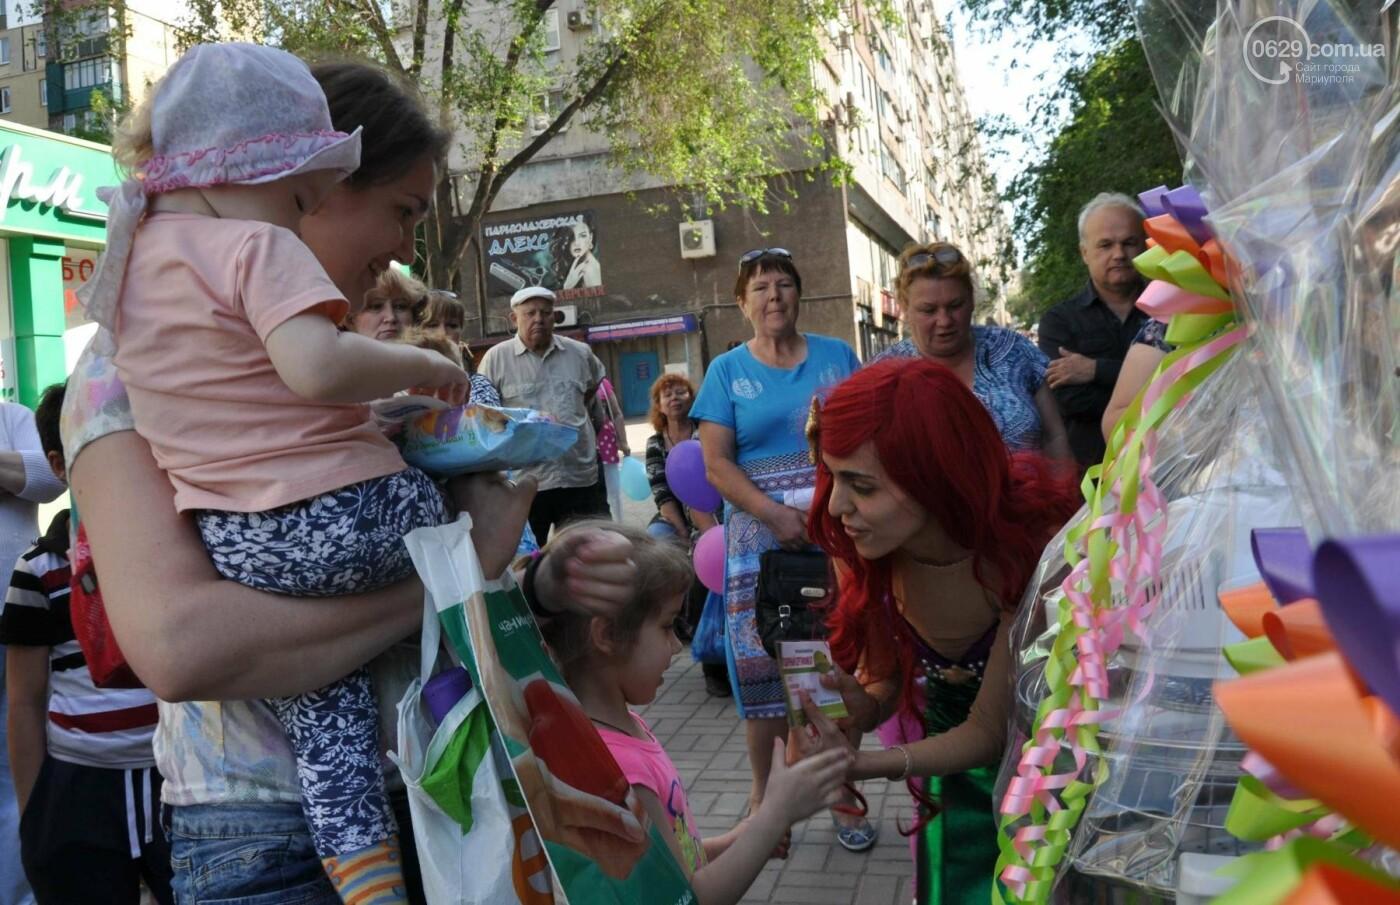 В аптеке «Азовфарм» провели праздник для детей и разыграли призы, фото-36